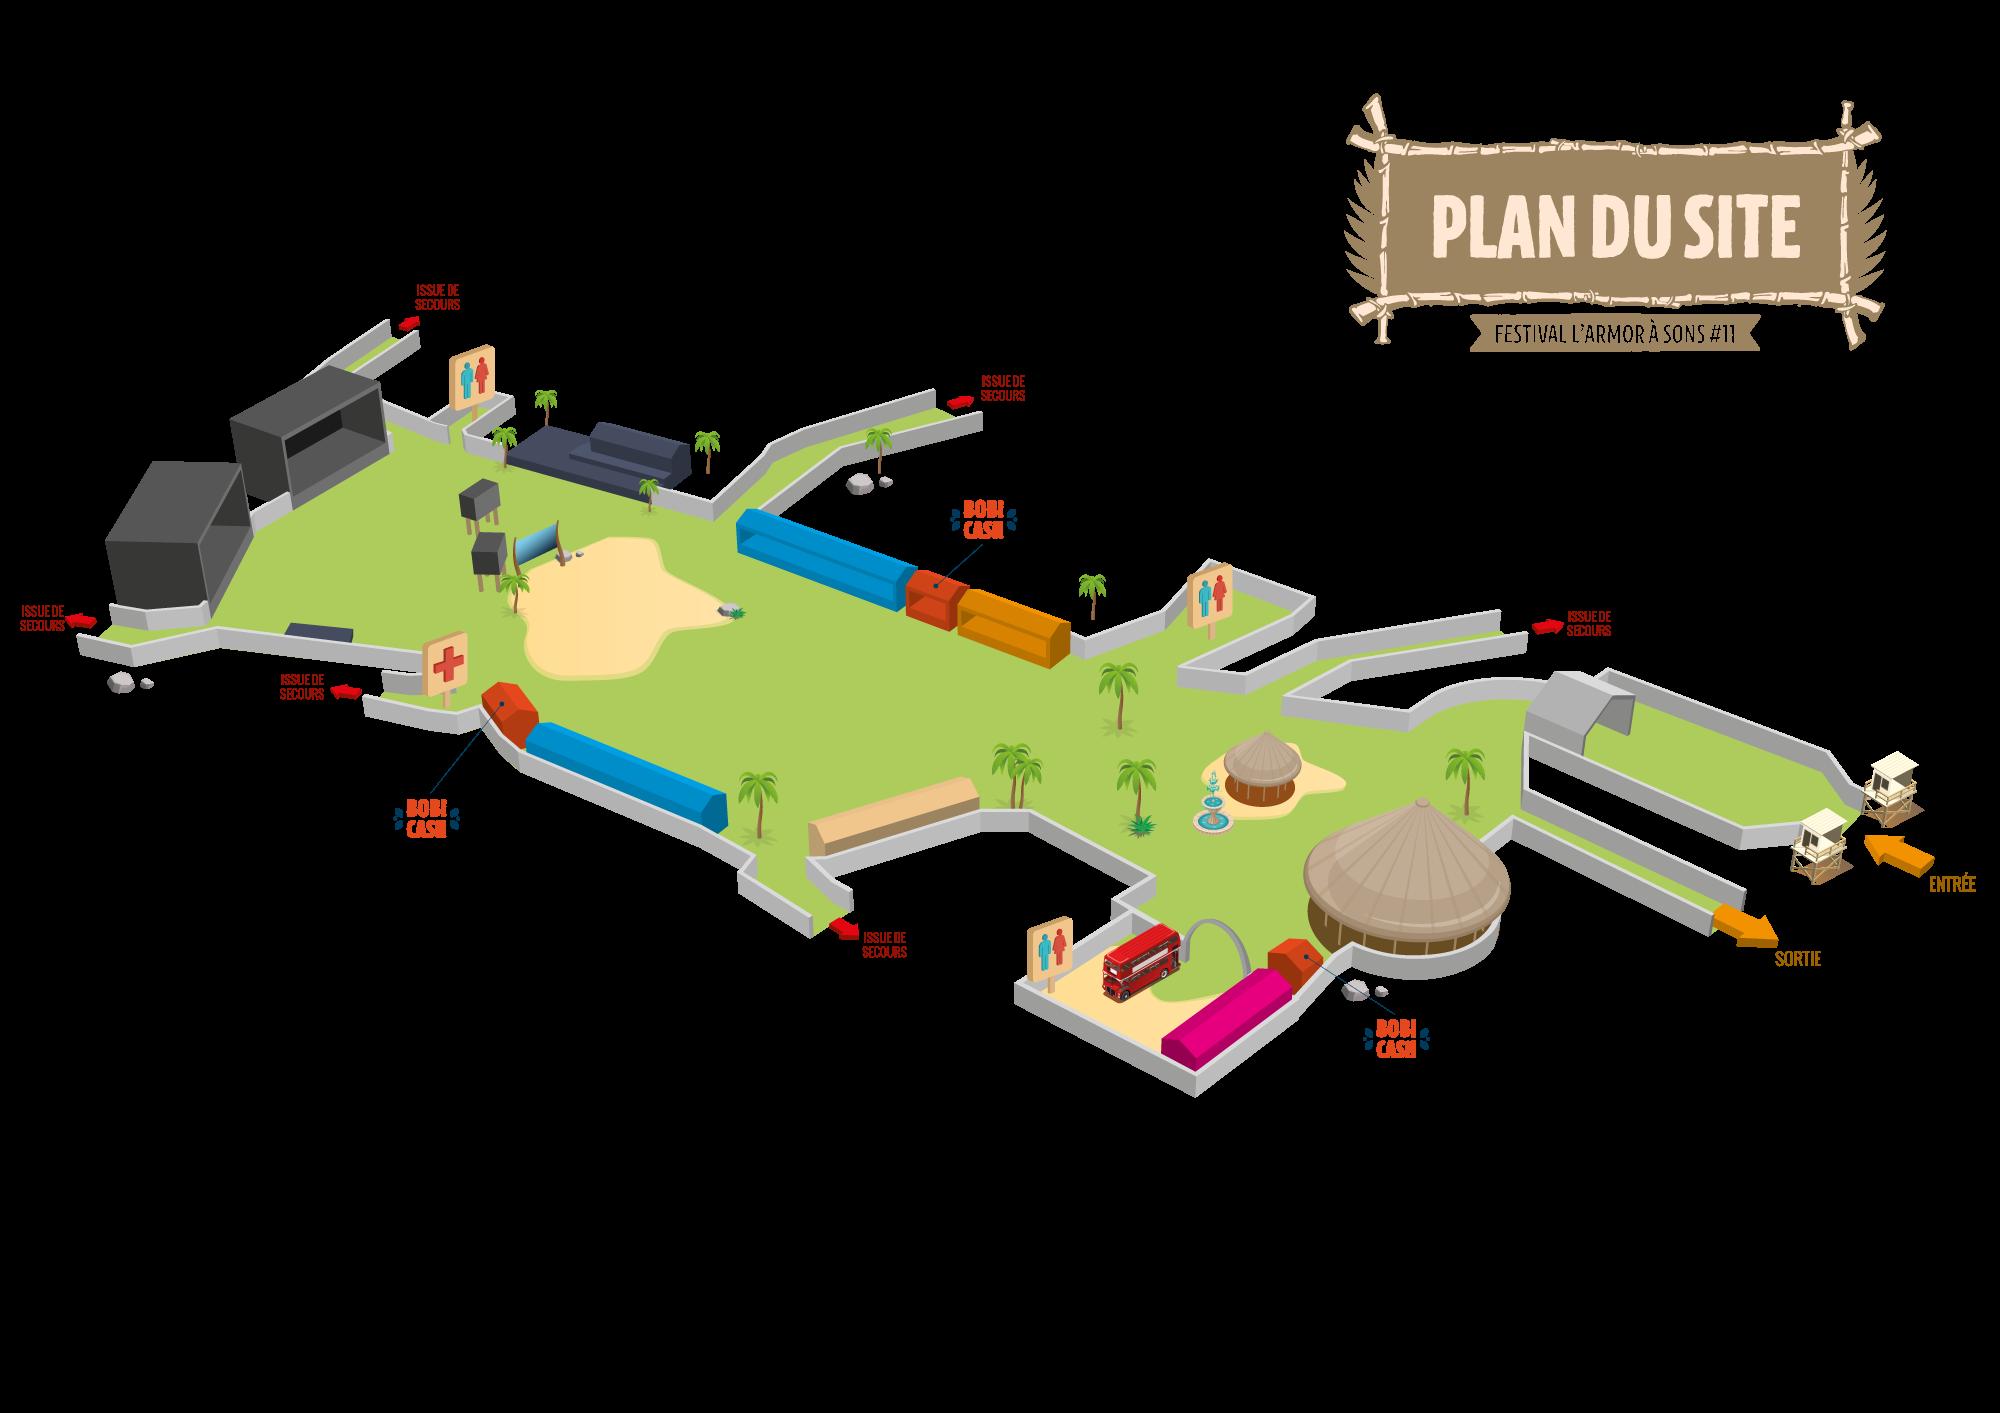 """Modélisation 3D du plan du site destiné à être intégré dans le programme. Une modélisation de l'espace """"Partenaires"""" a également été réalisée."""